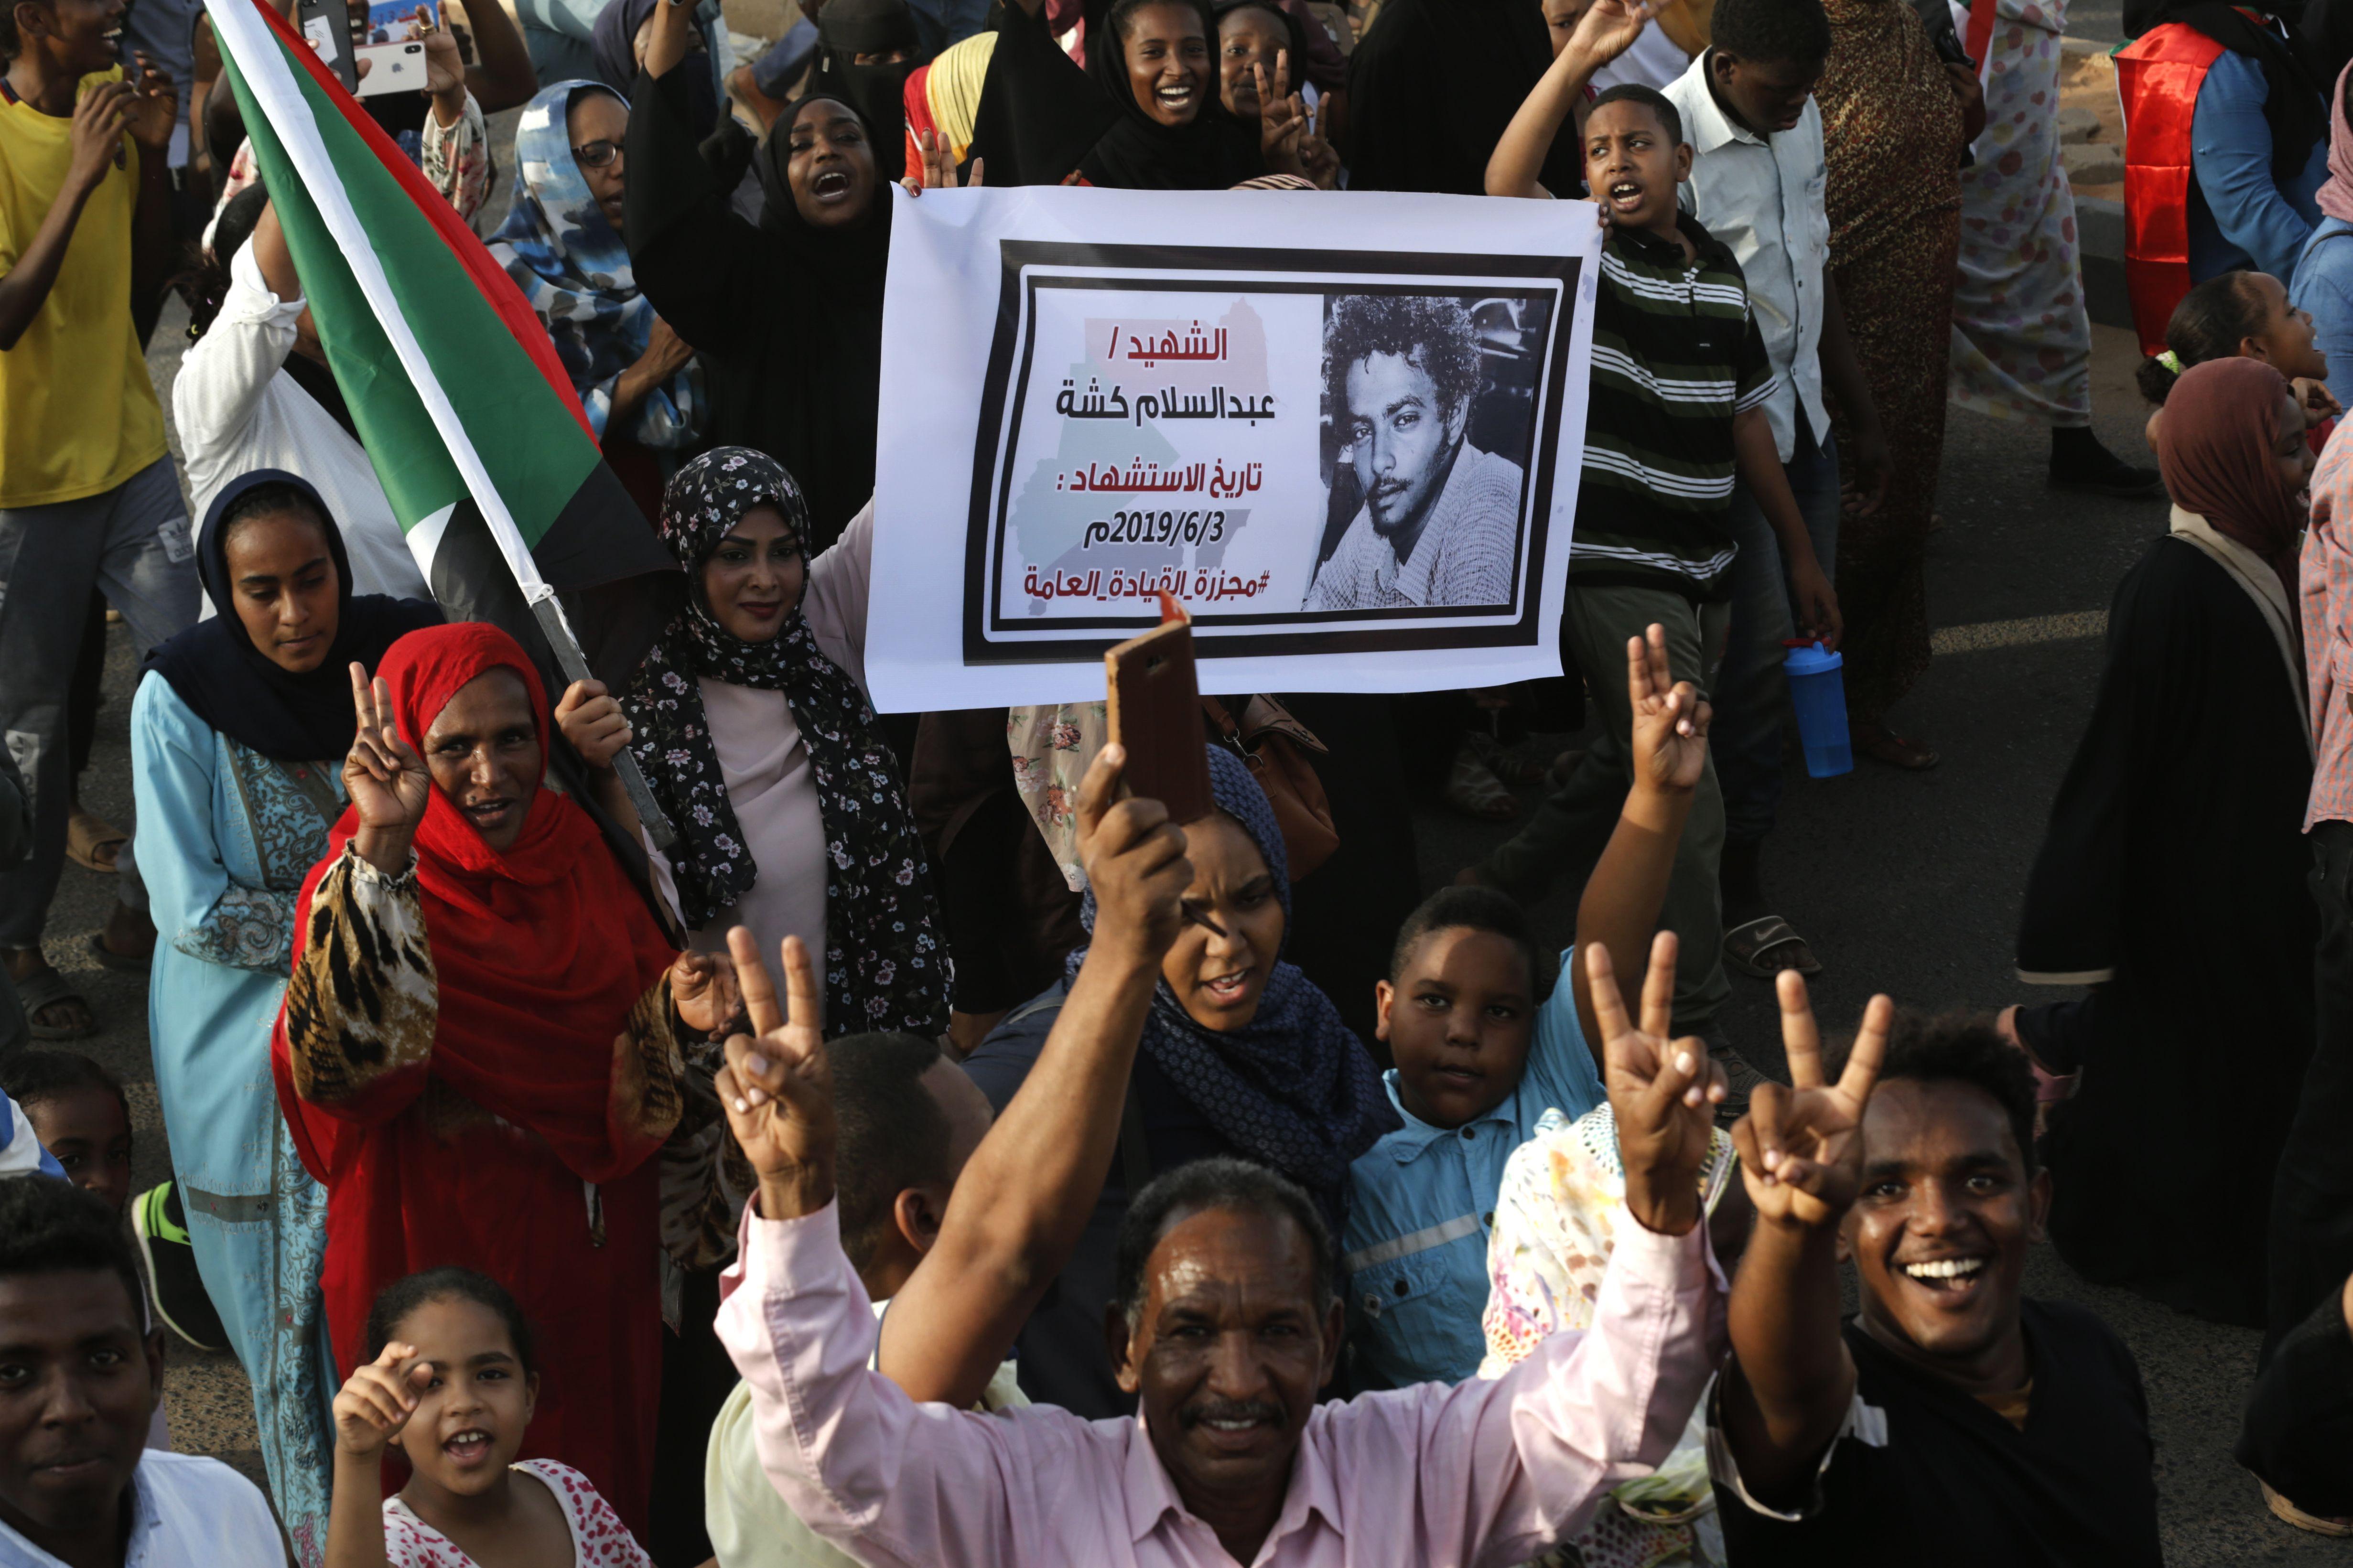 آلاف يتظاهرون في السودان في ذكرى مرور 40 يوما على فض الاعتصام